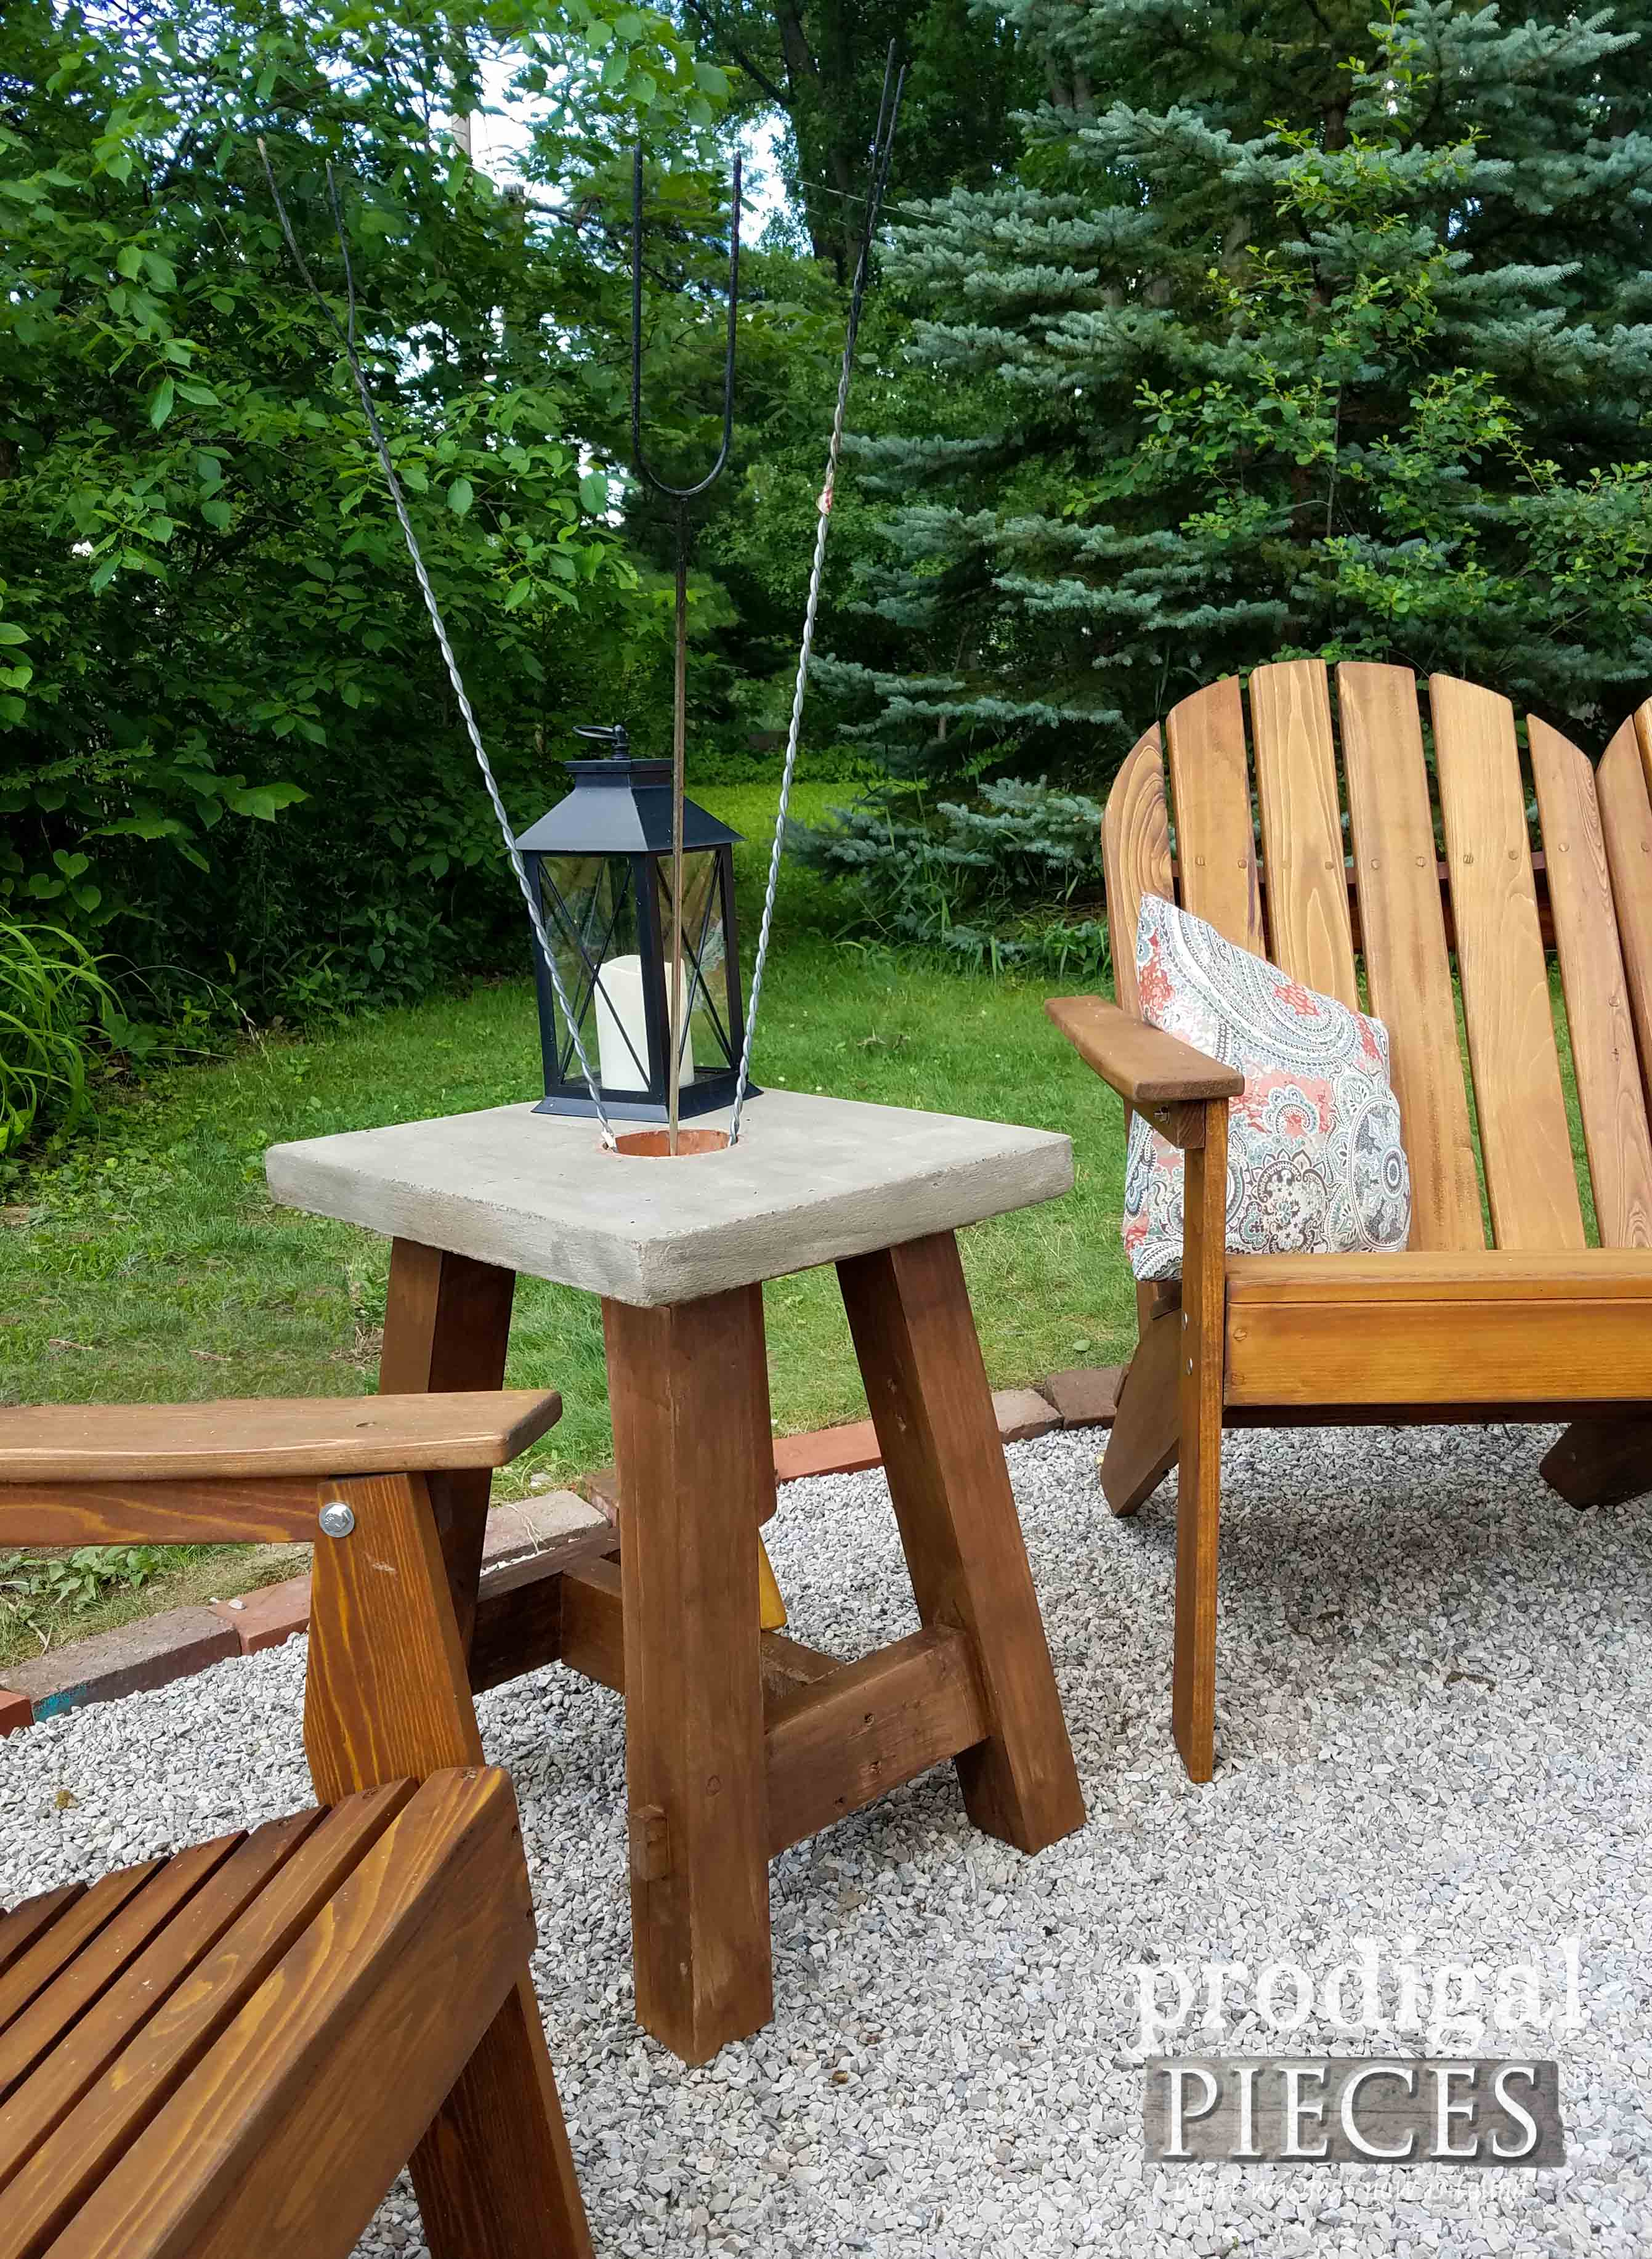 diy concrete table plus diy solar lamps prodigal pieces. Black Bedroom Furniture Sets. Home Design Ideas